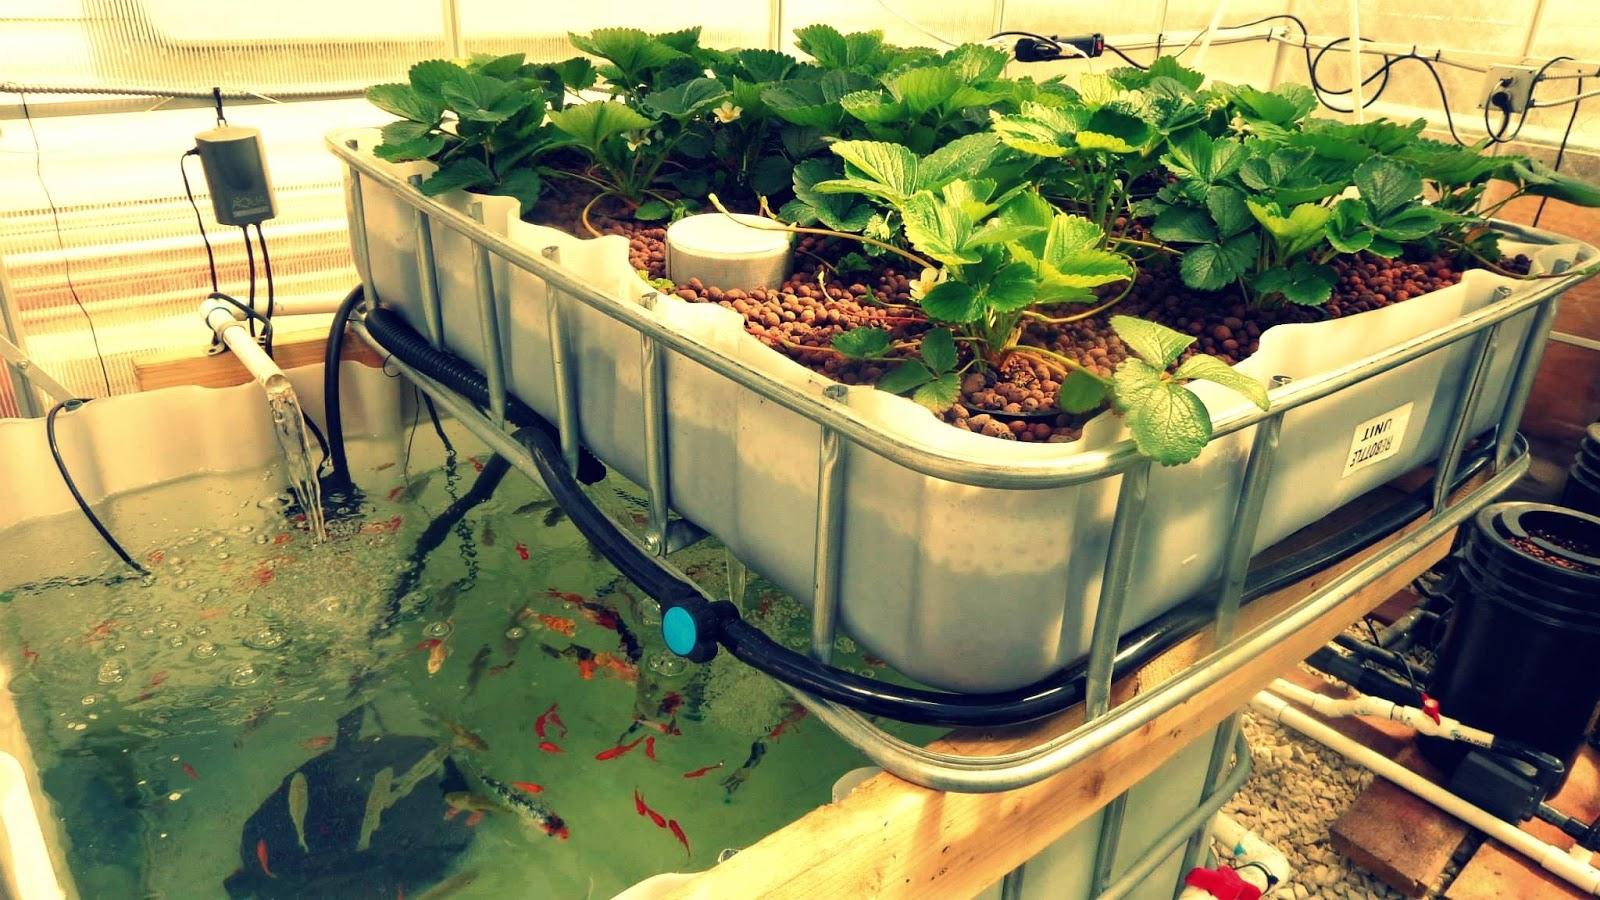 Bạn có thể sử dụng nguồn thực phẩm an toàn nhờ mô hình trồng rau sạch và nuôi cá